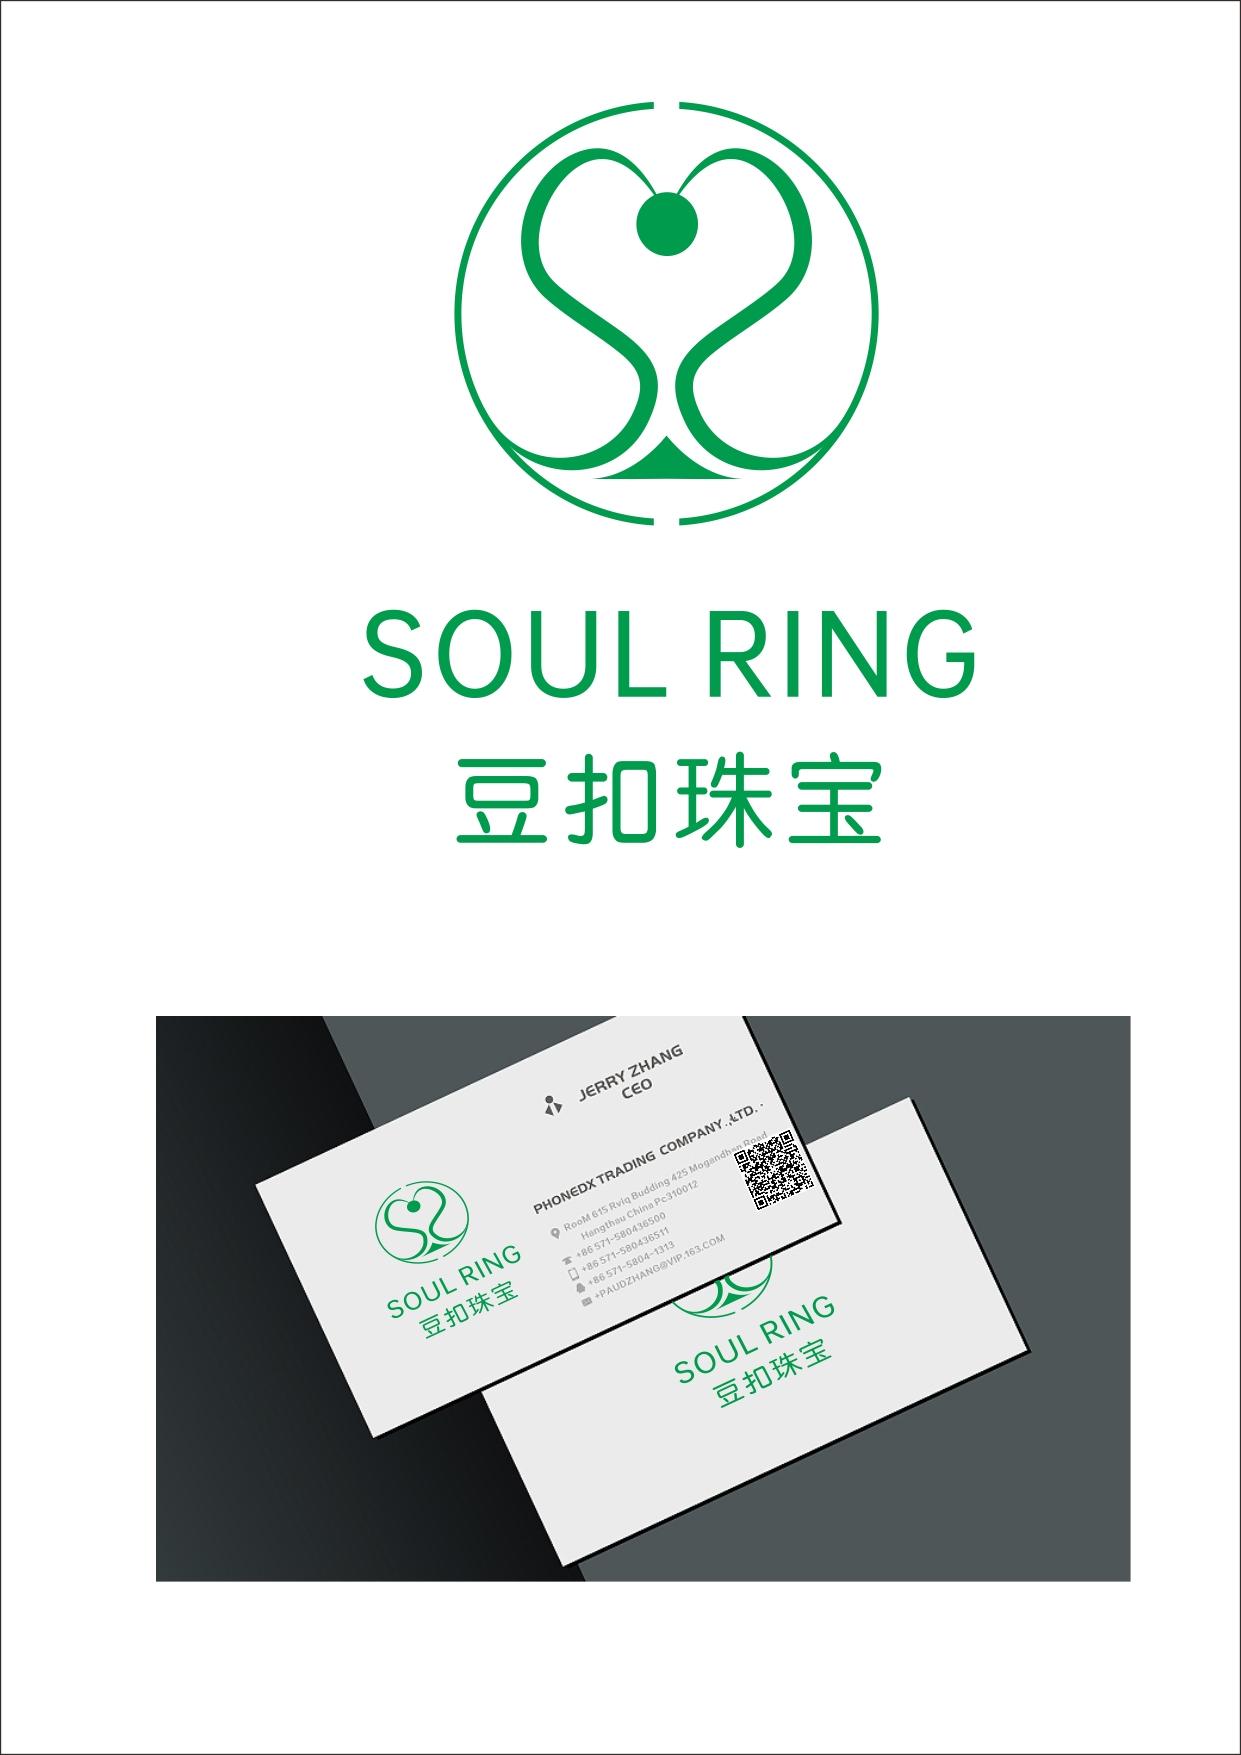 公司LOGO和名片设计(内容有补充6.17)_3037909_k68威客网